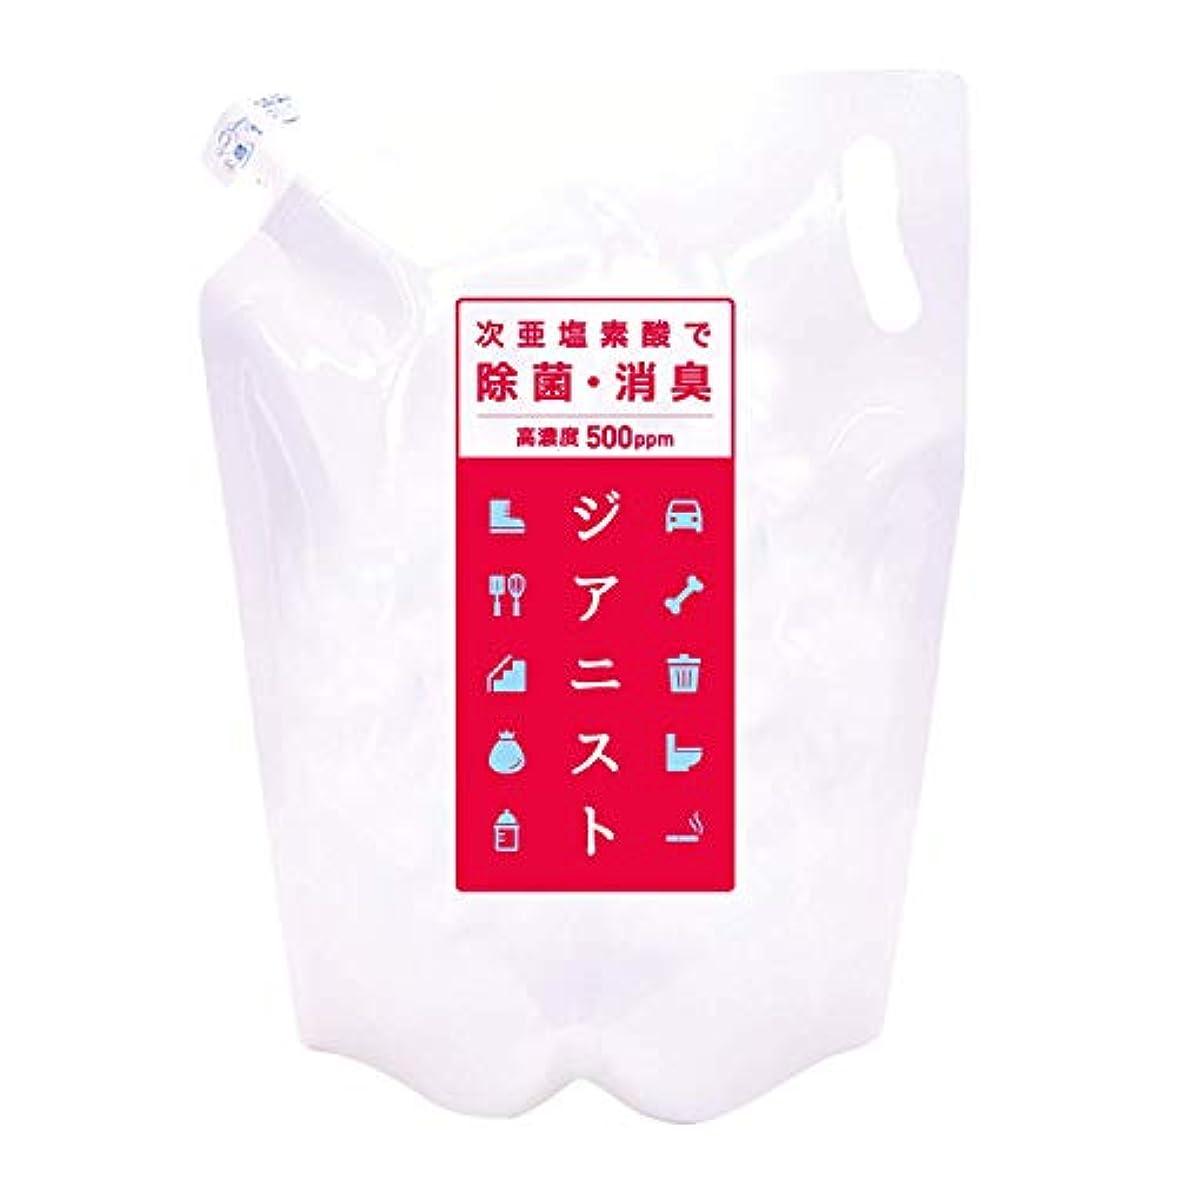 褒賞光沢のある違反大容量 2500mL ジアニスト 次亜塩素酸 高濃度 500ppm 除菌 消臭